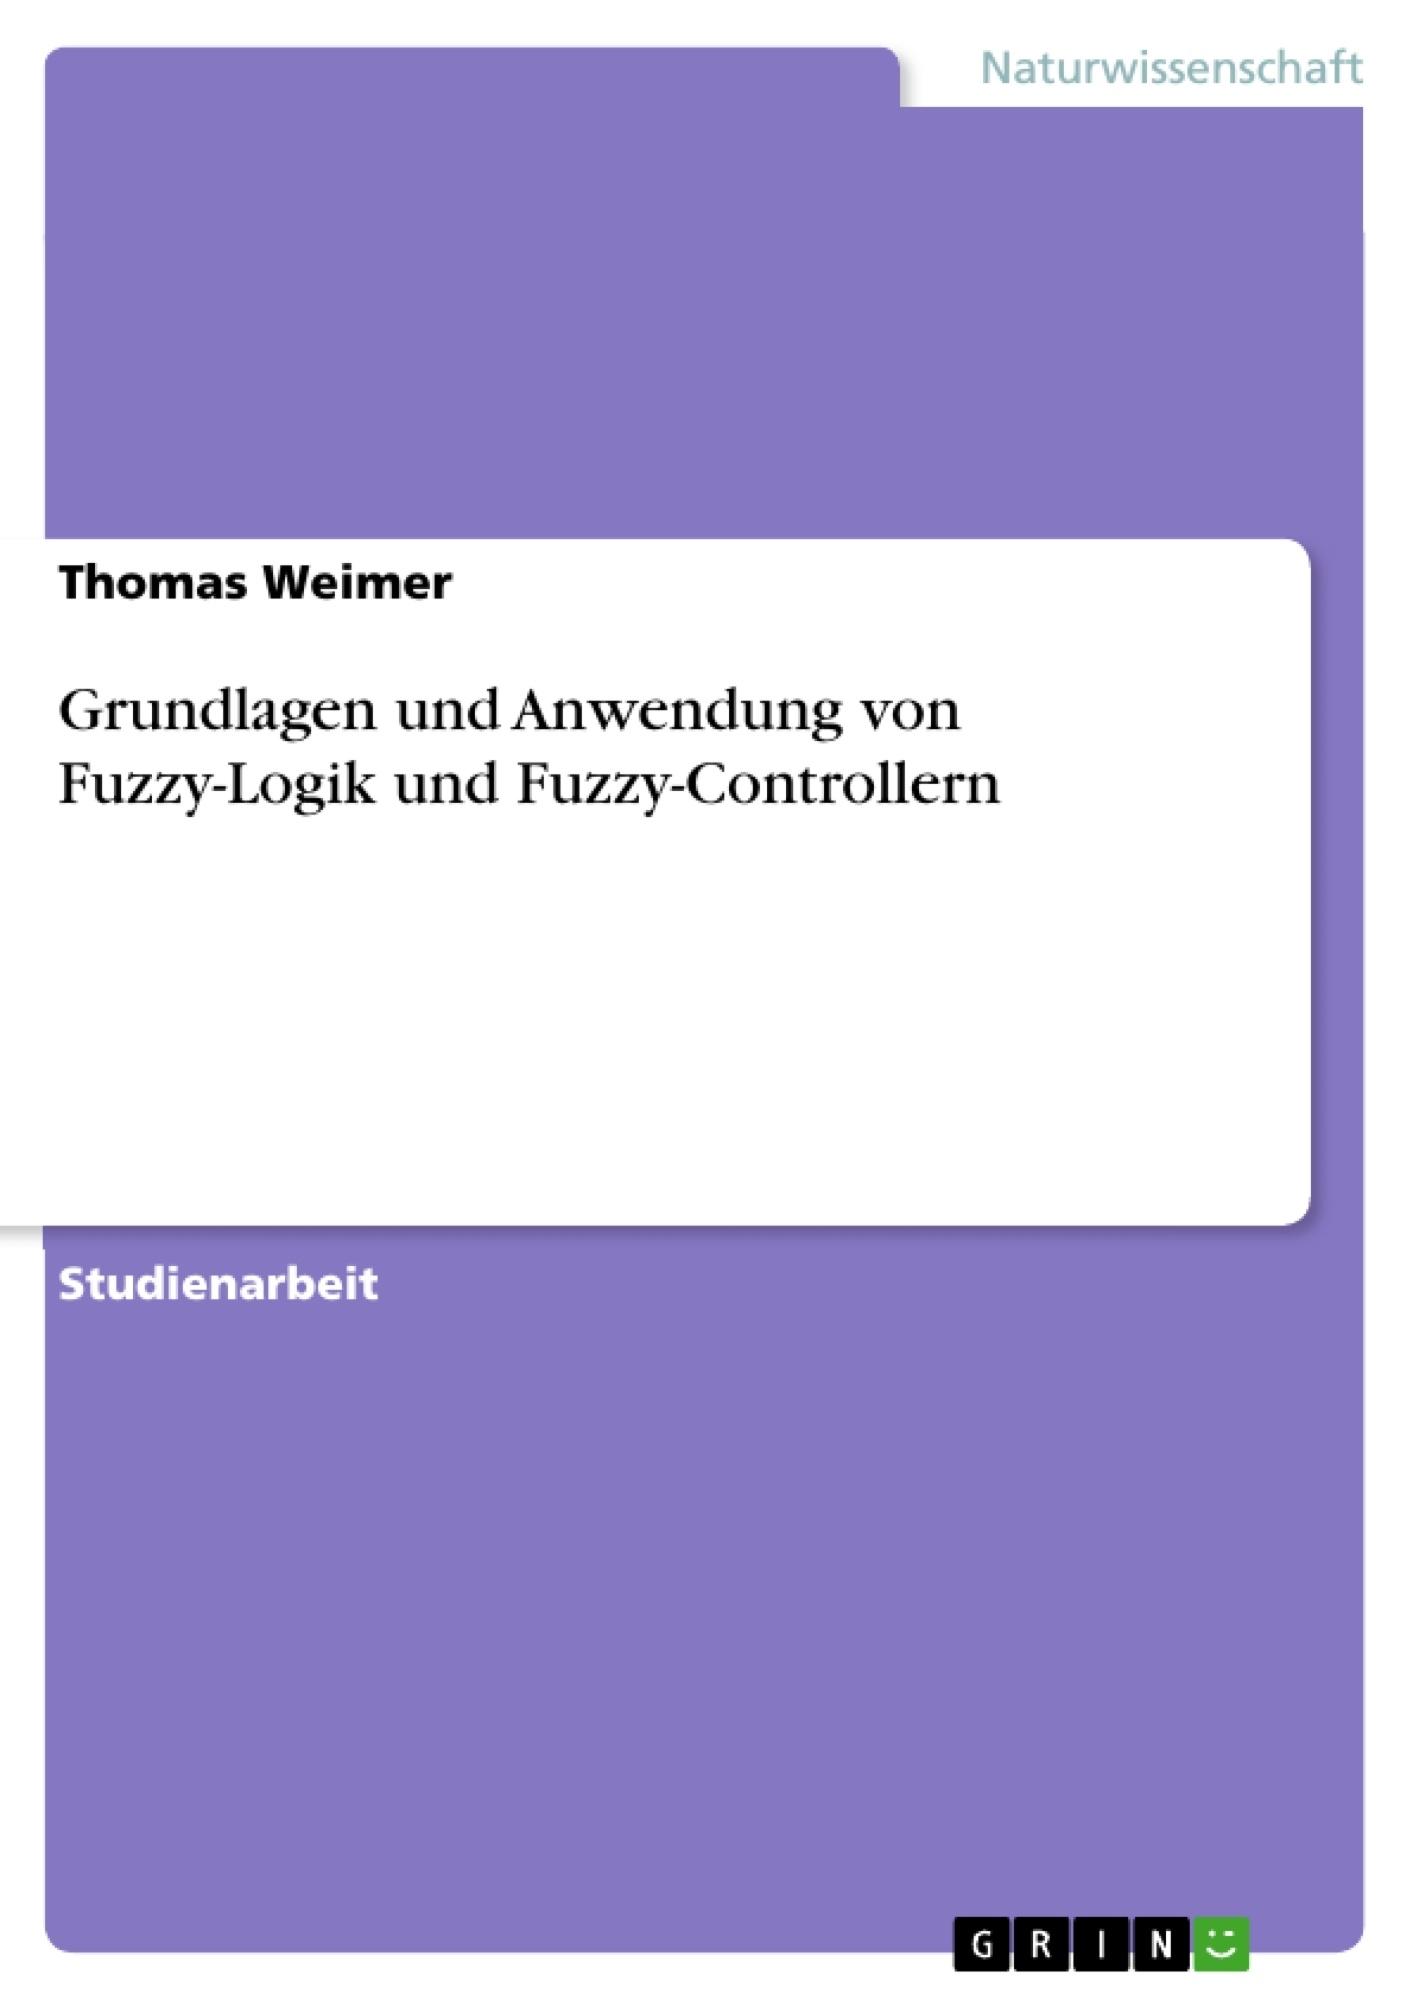 Titel: Grundlagen und Anwendung von Fuzzy-Logik und Fuzzy-Controllern